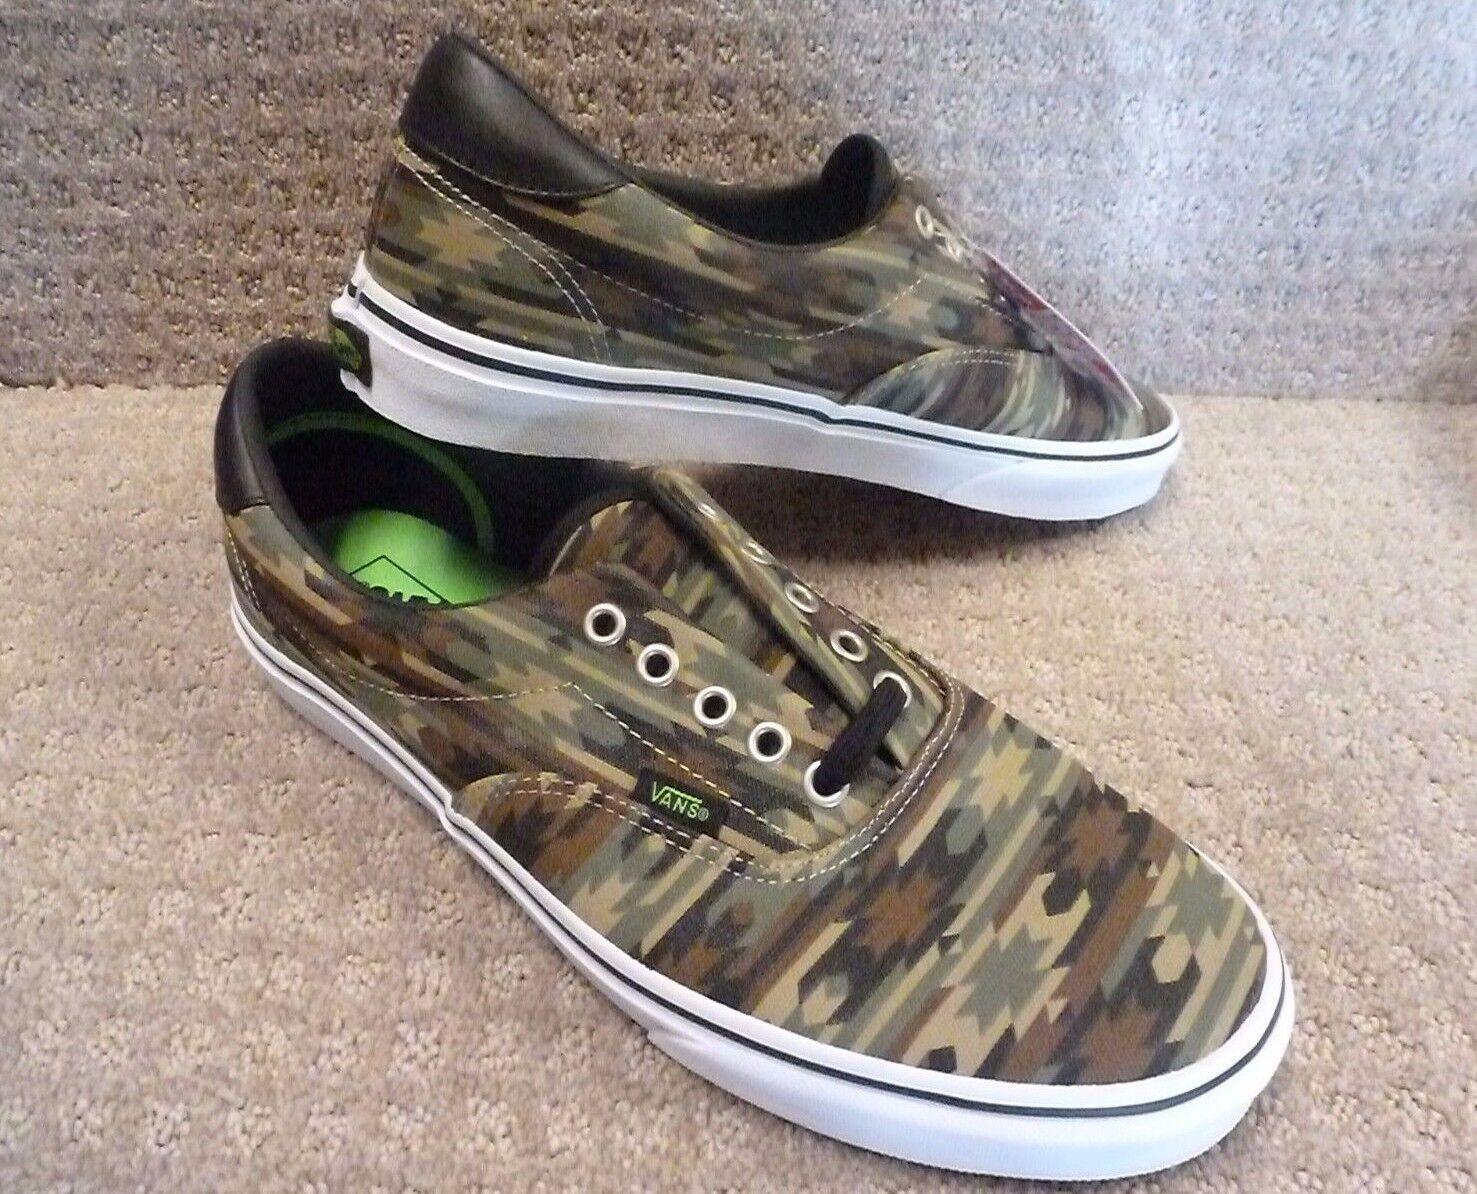 Vans Men's shoes  Era 59  (Native Camo) Black